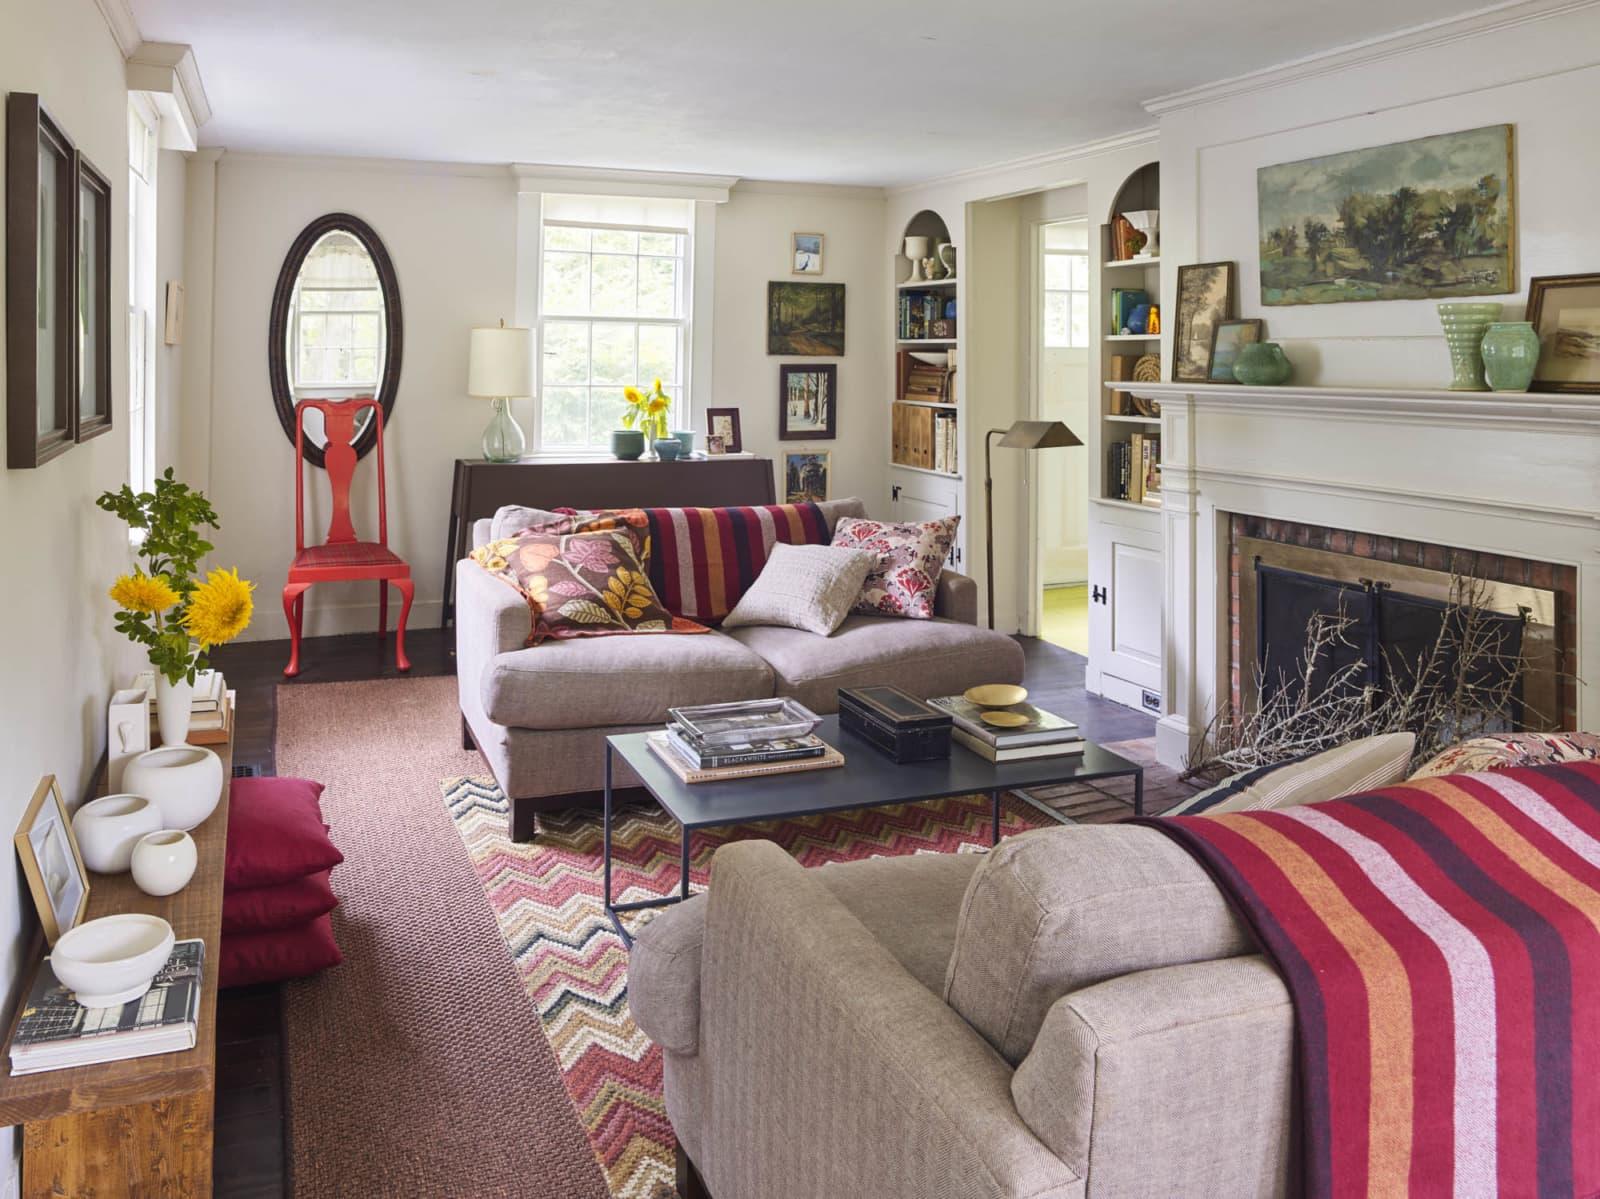 styled booksheves in livingroom